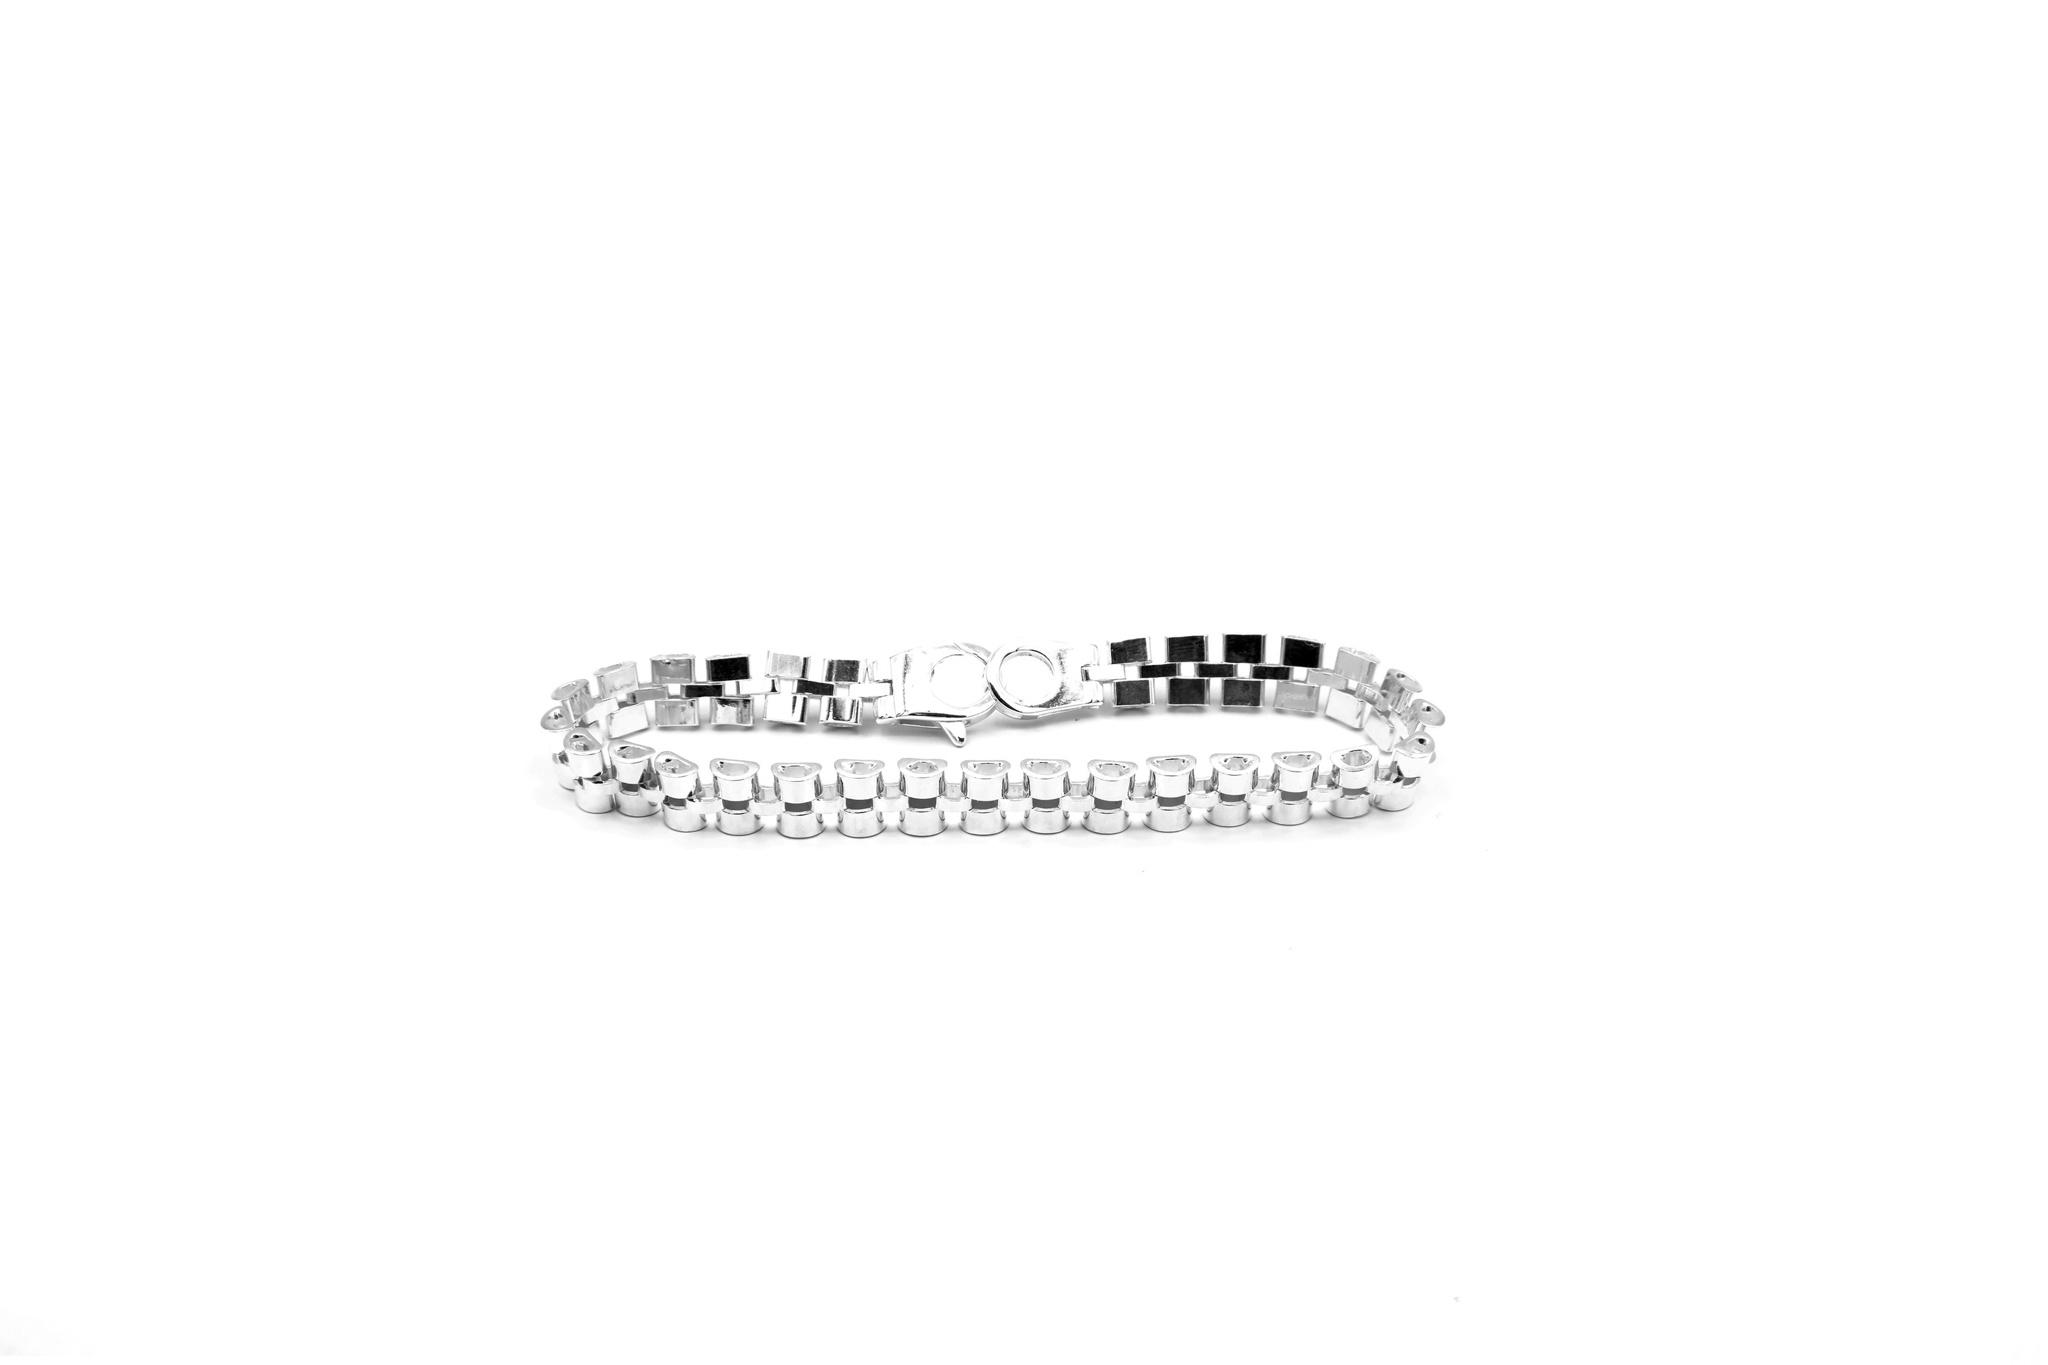 Armband rolexschakel zilver-1